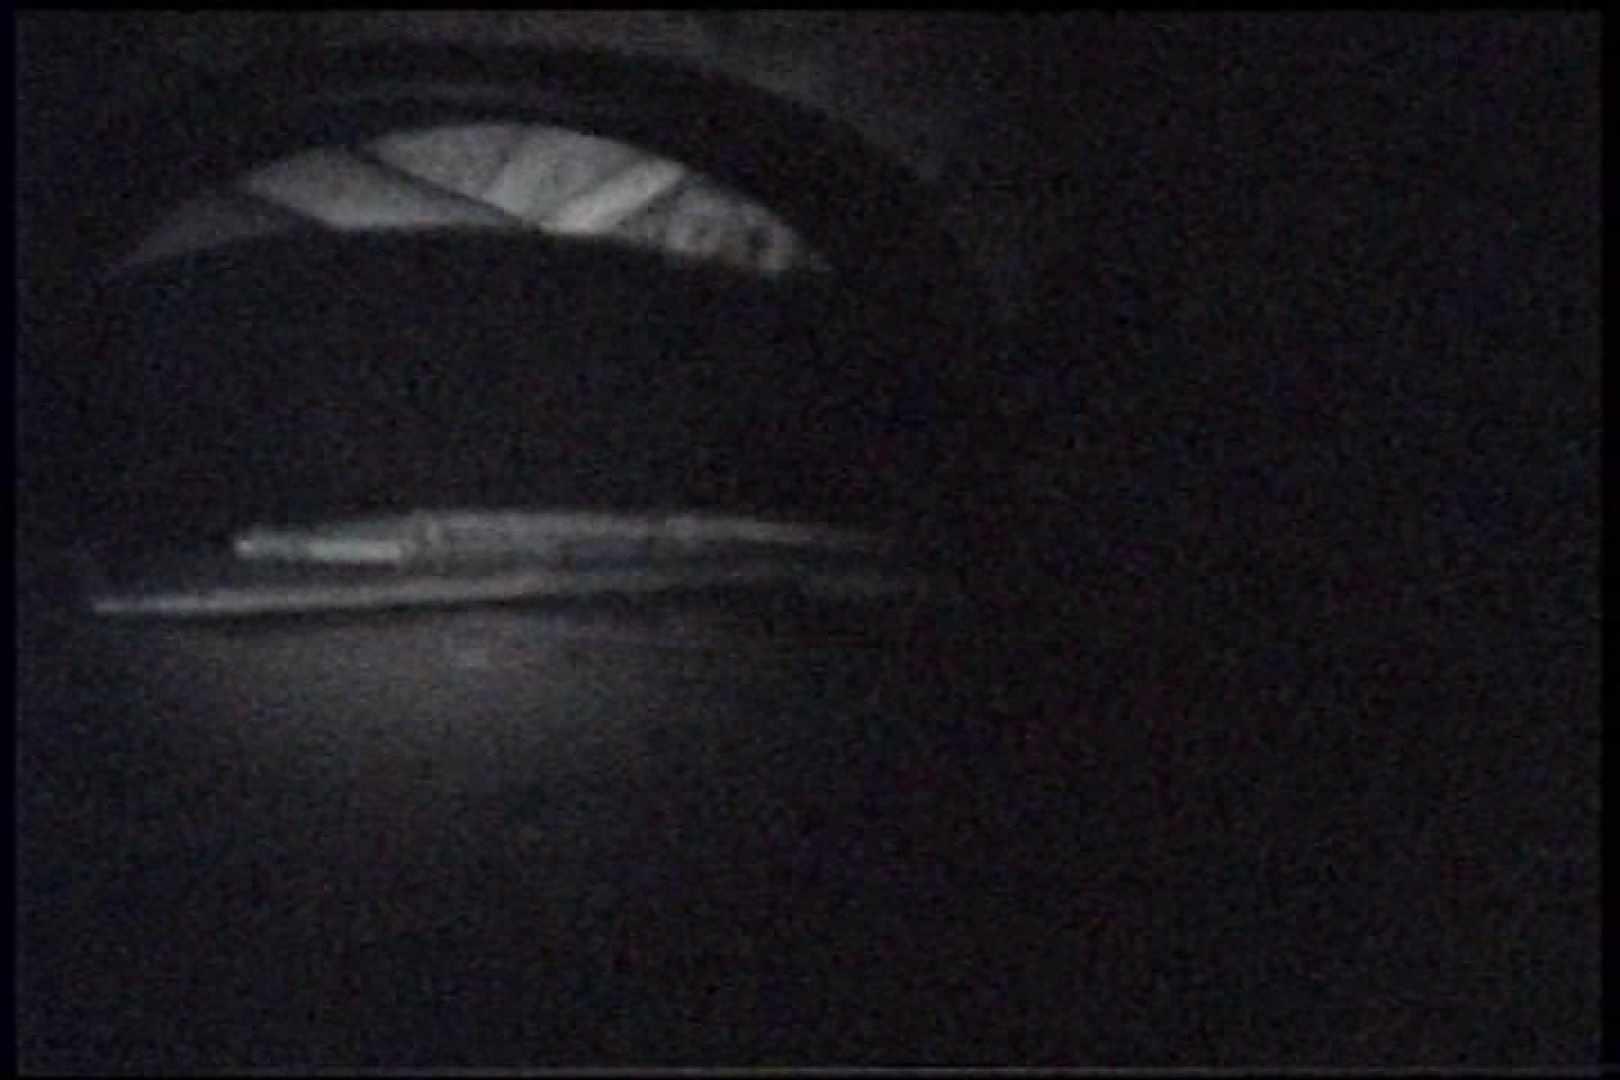 充血監督の深夜の運動会Vol.237 エッチなセックス | エロティックなOL  96画像 51